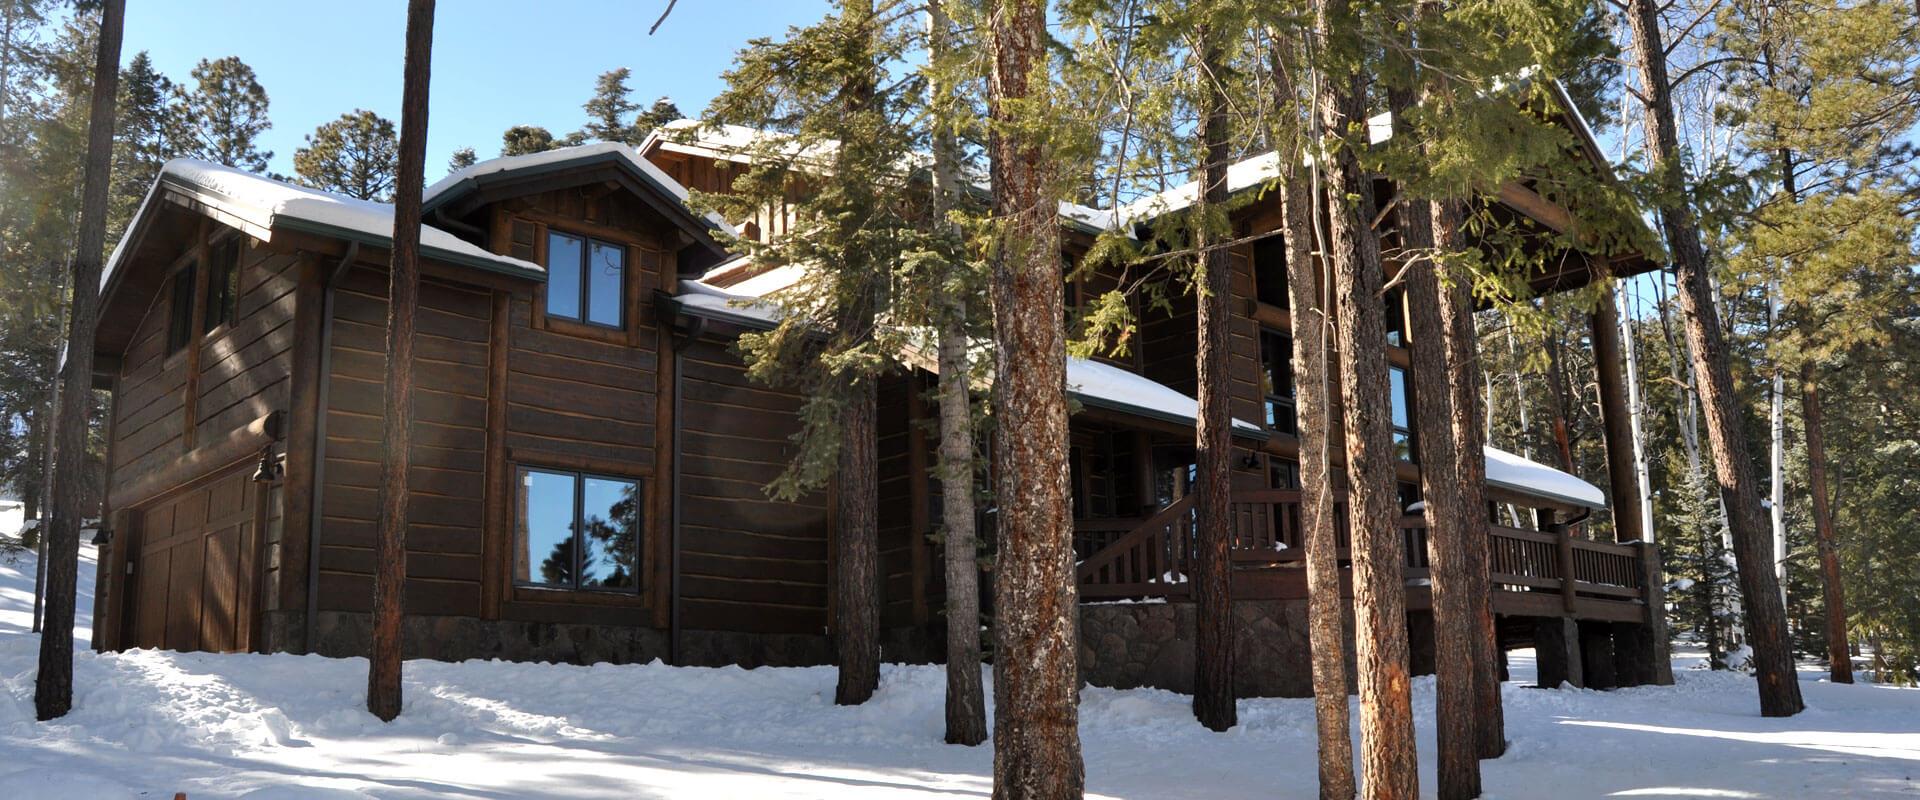 aspen-snowpic-big